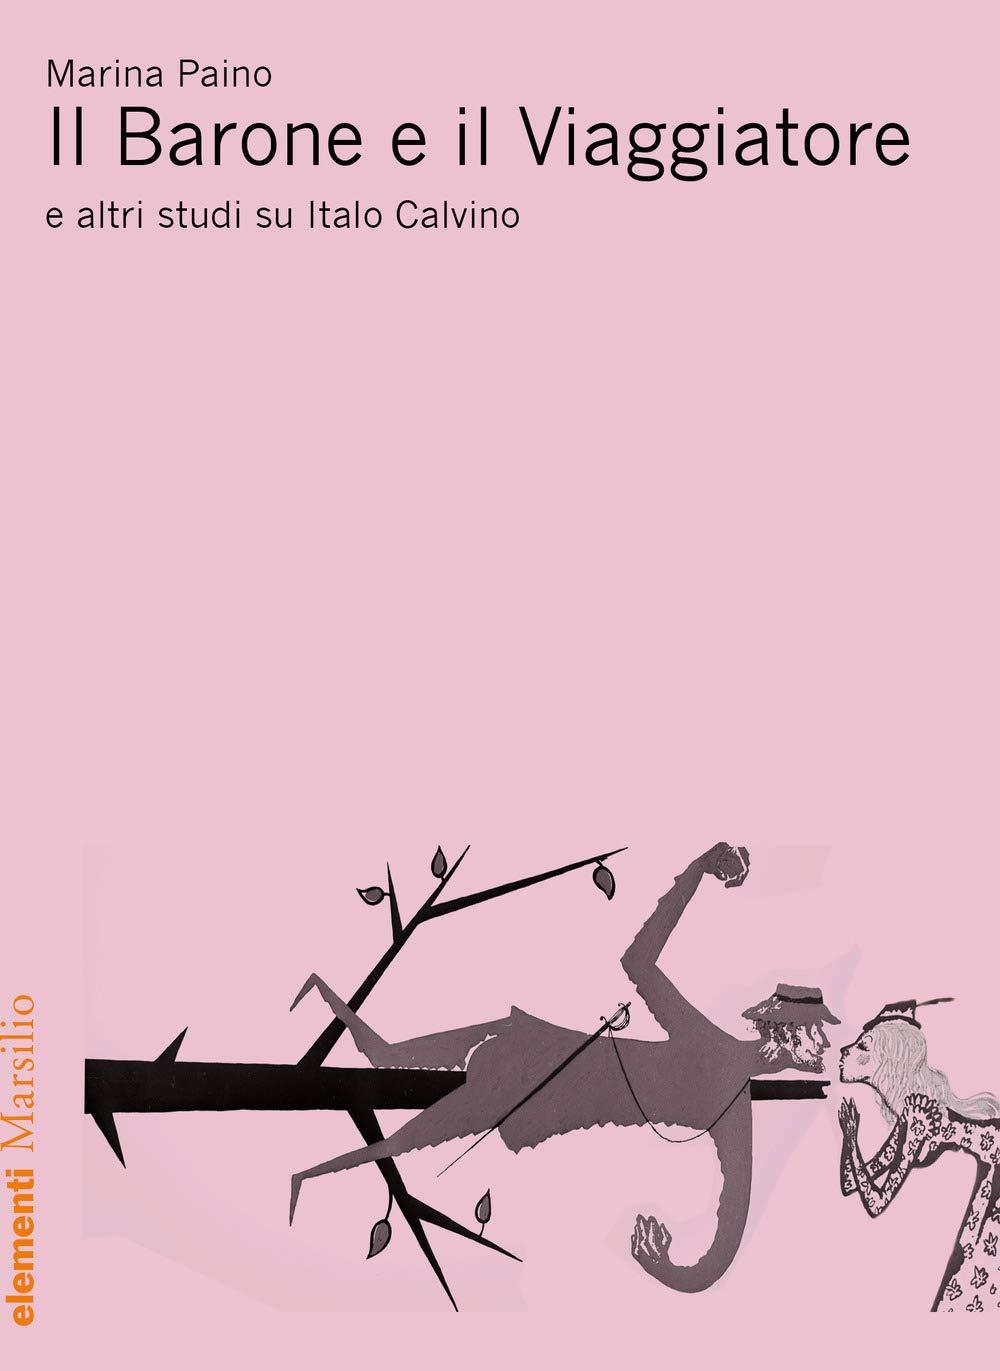 Il Barone e il Viaggiatore e altri studi su Italo Calvino